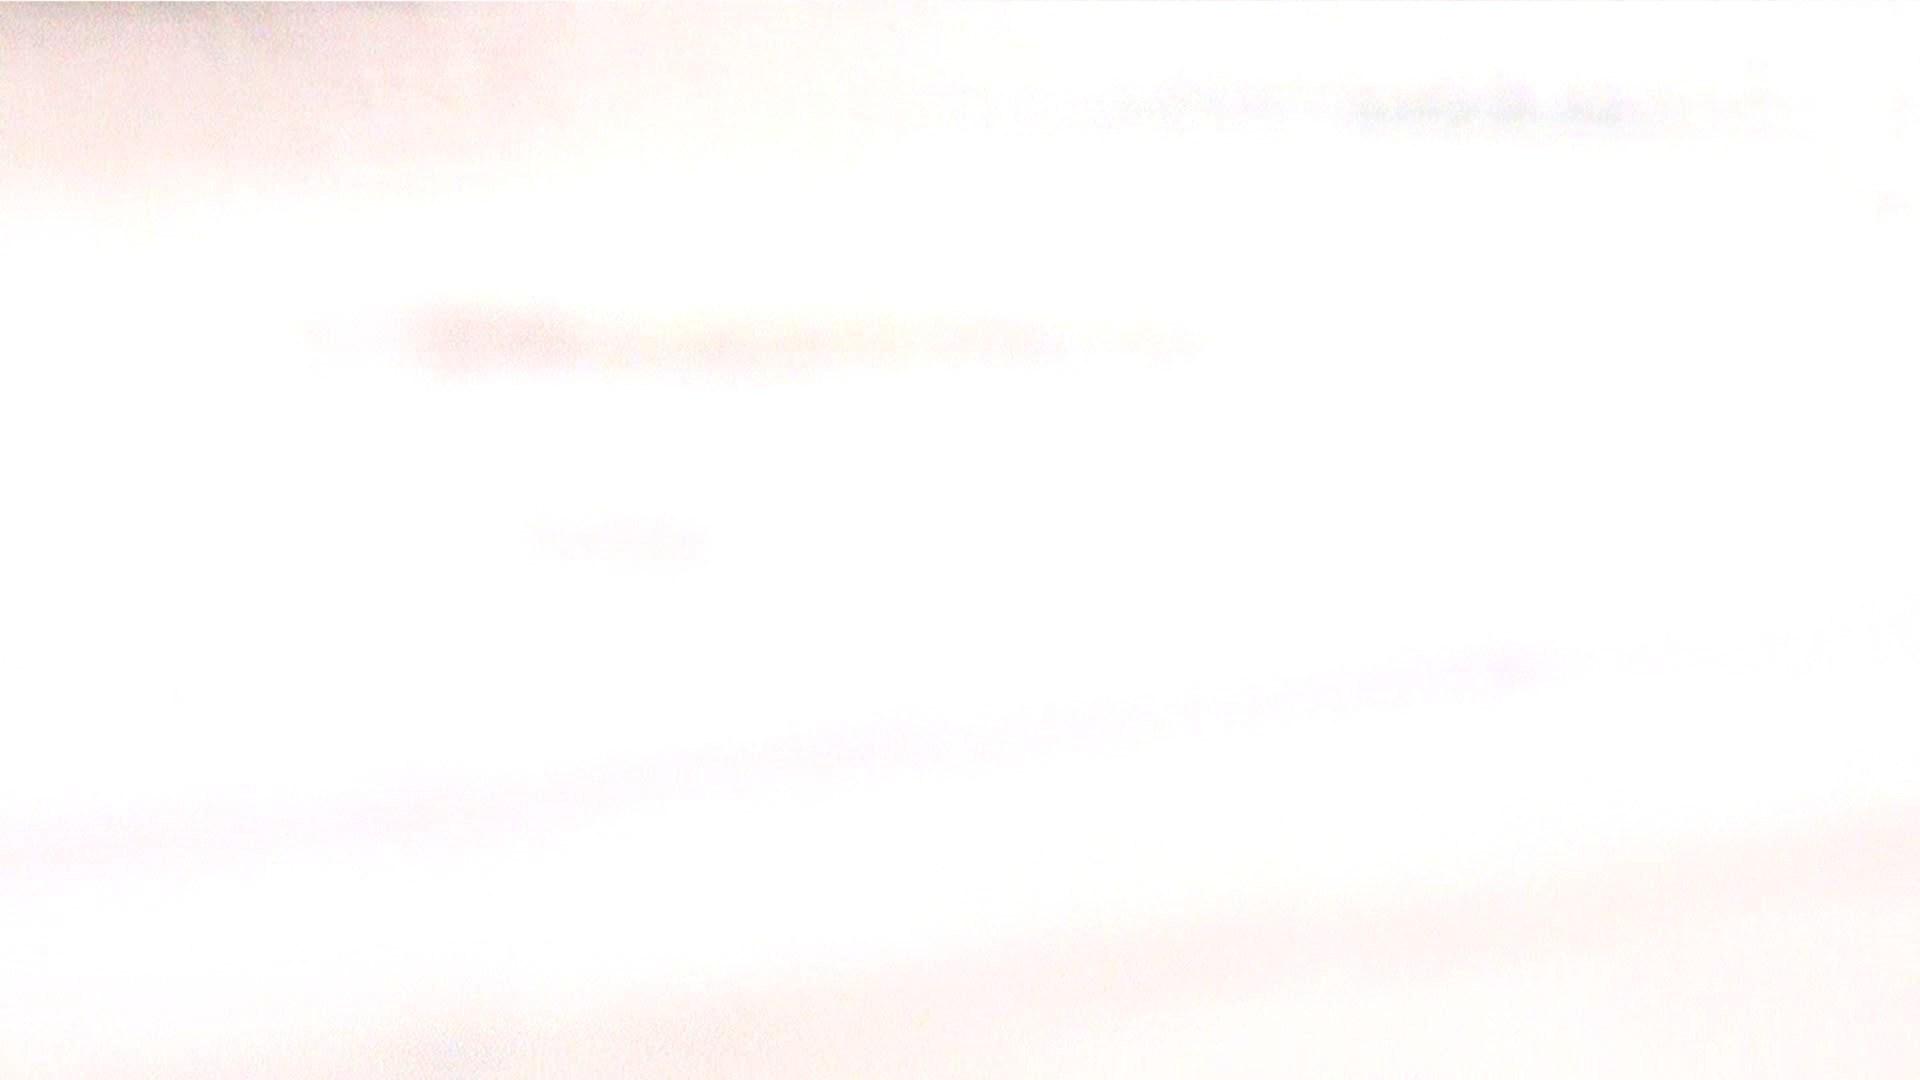 ※100個限定販売 至高下半身盗撮 プレミアム Vol.24 ハイビジョン ギャルズ ヌード画像 89画像 44